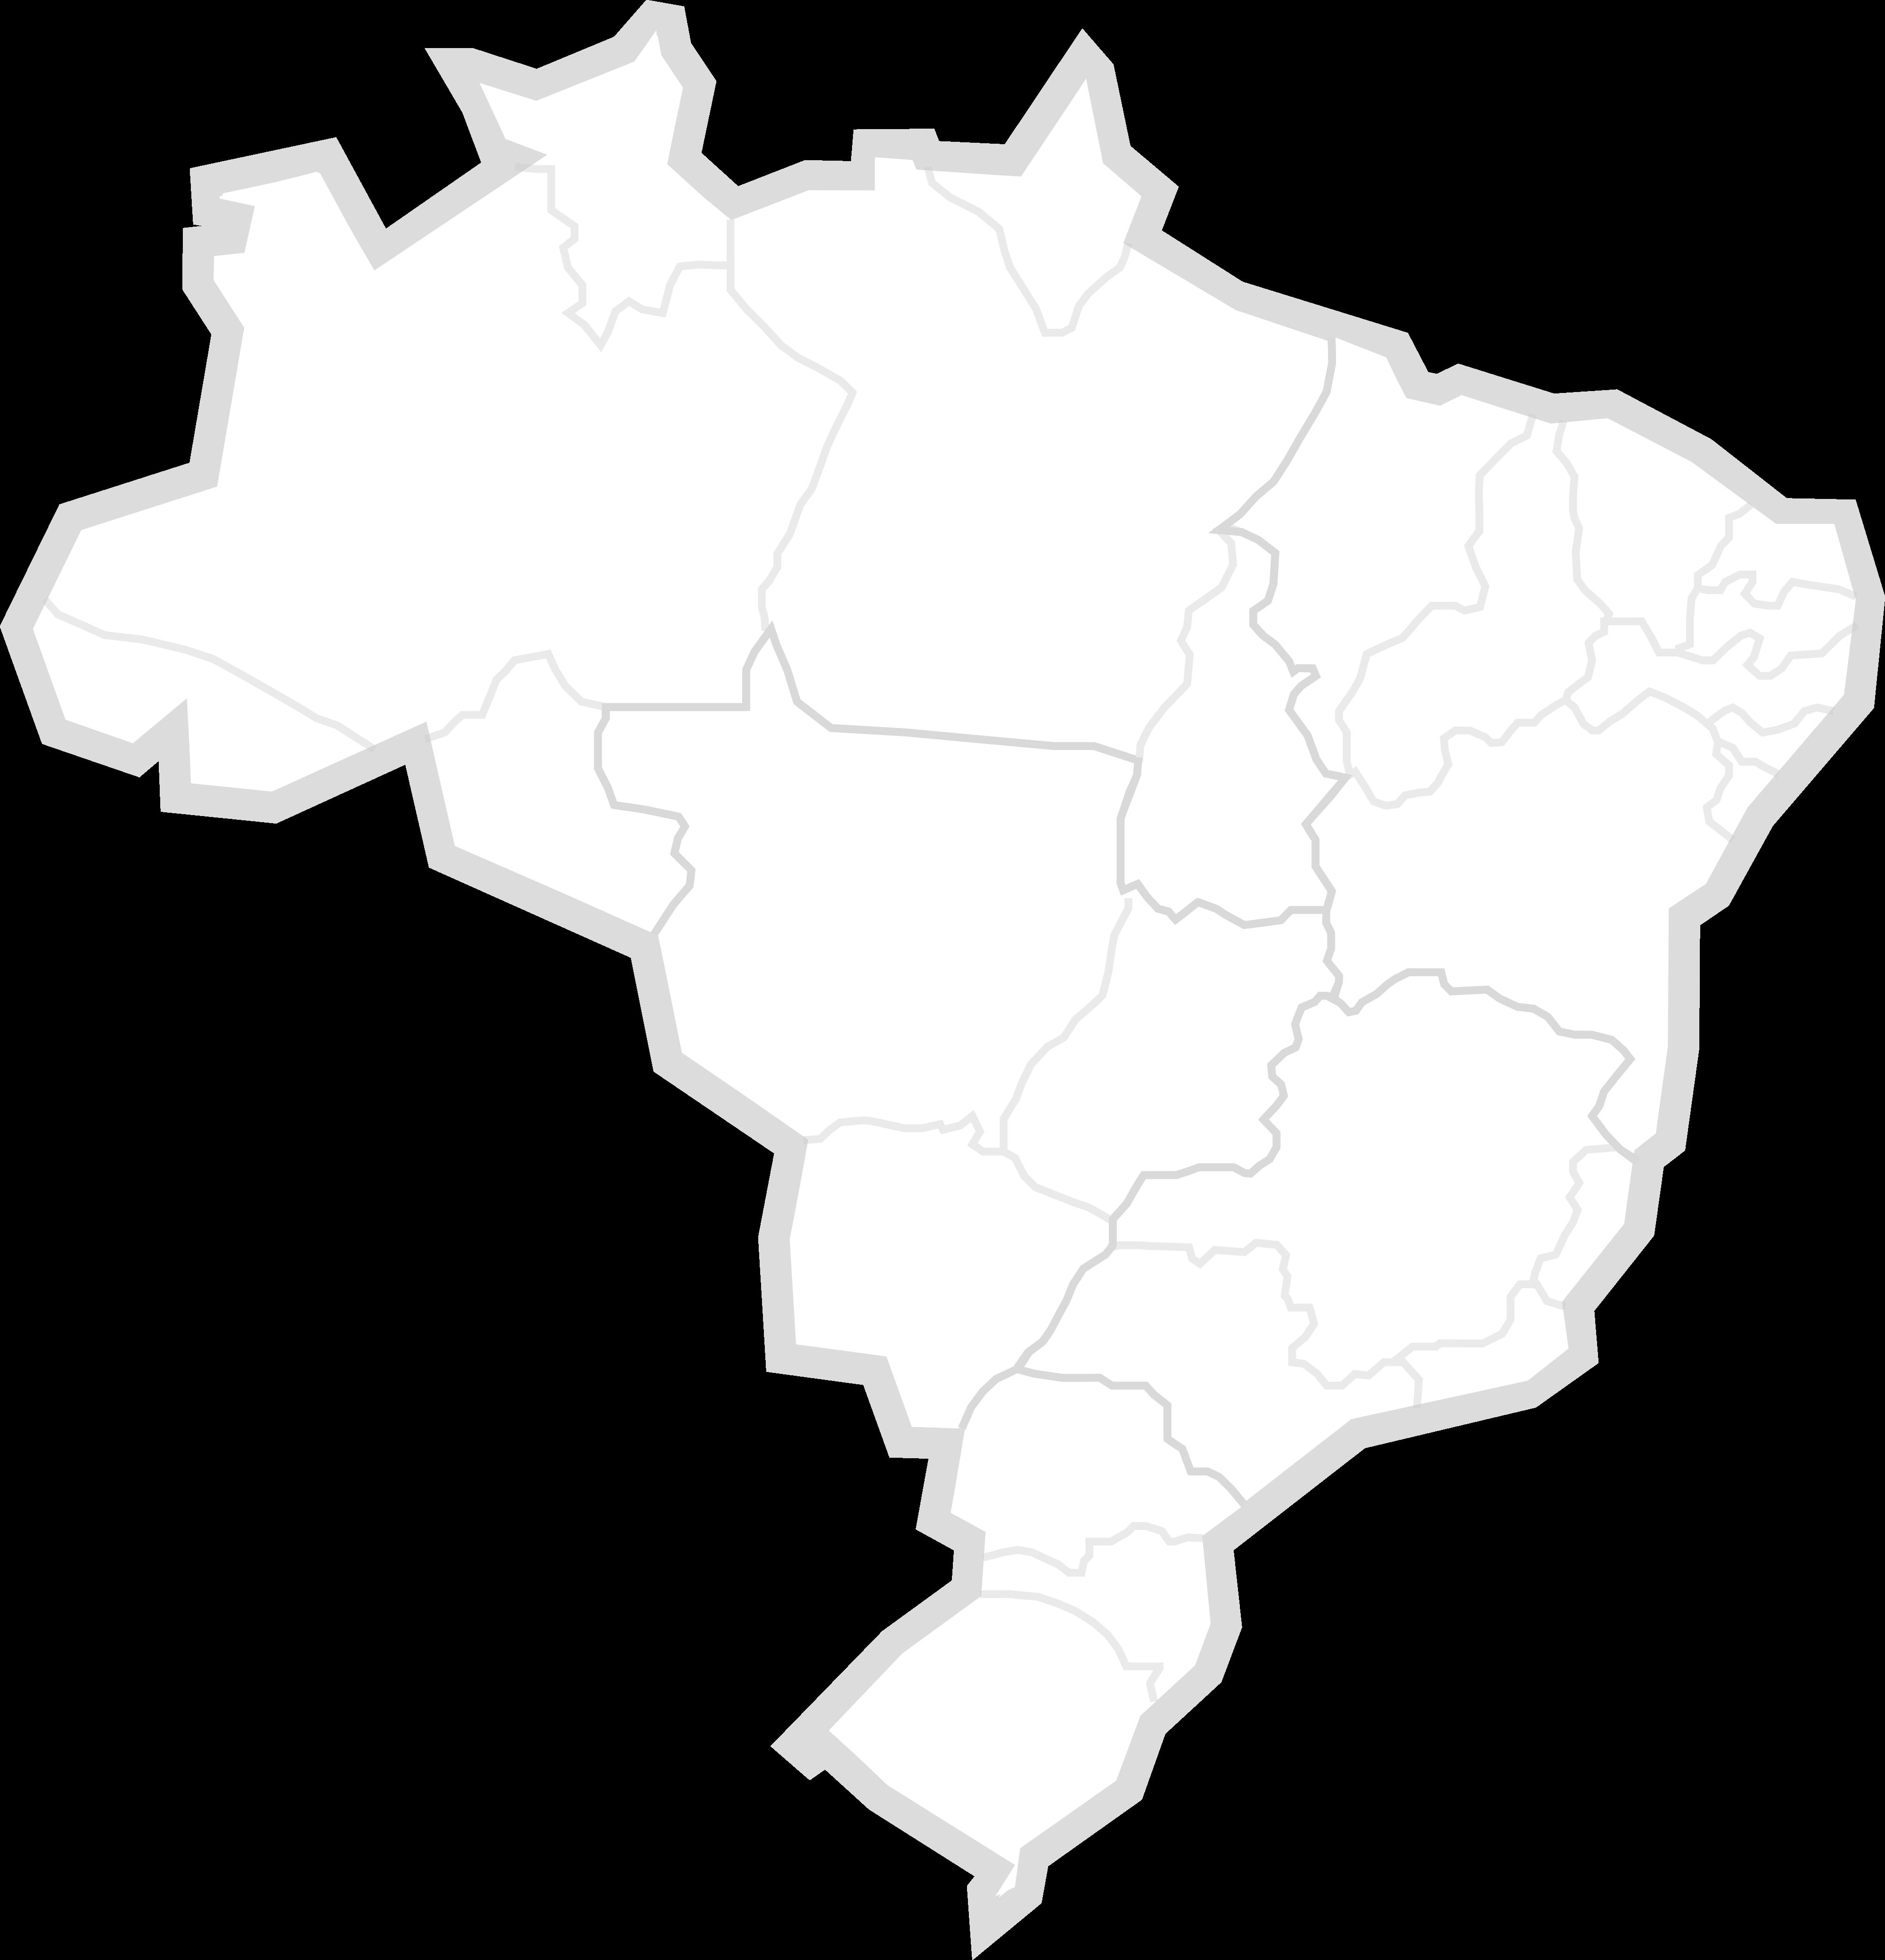 mapa-brasil-em-branco